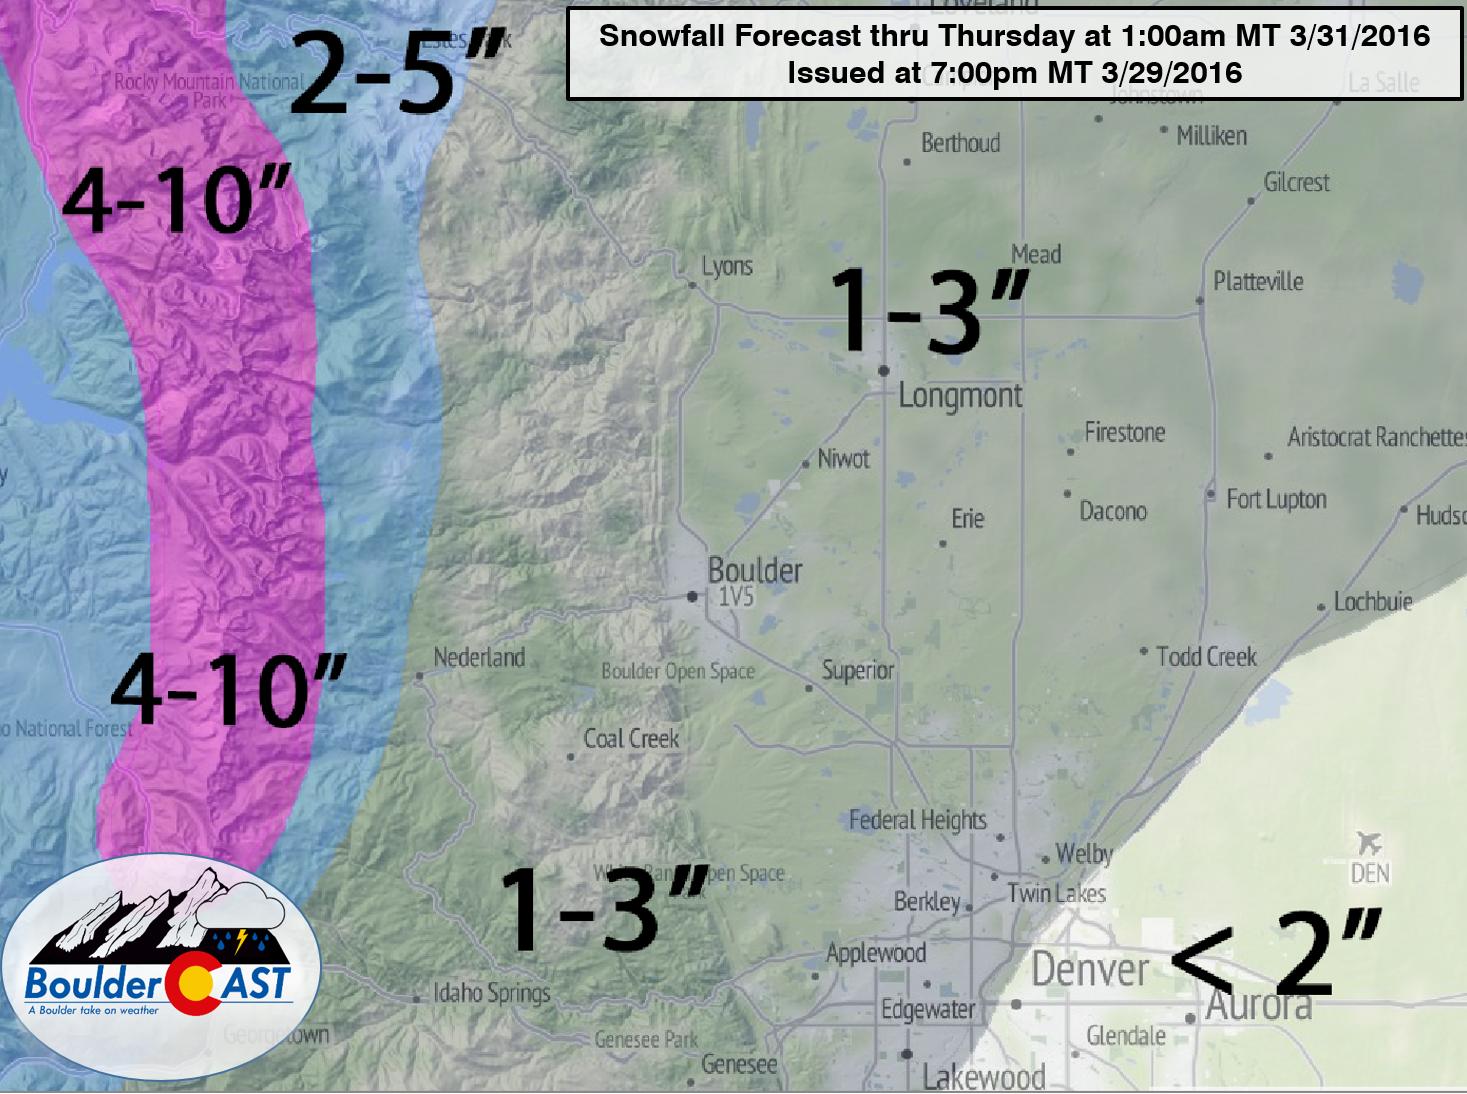 DenveR_Snowfall_Forecast_Mar30_2016